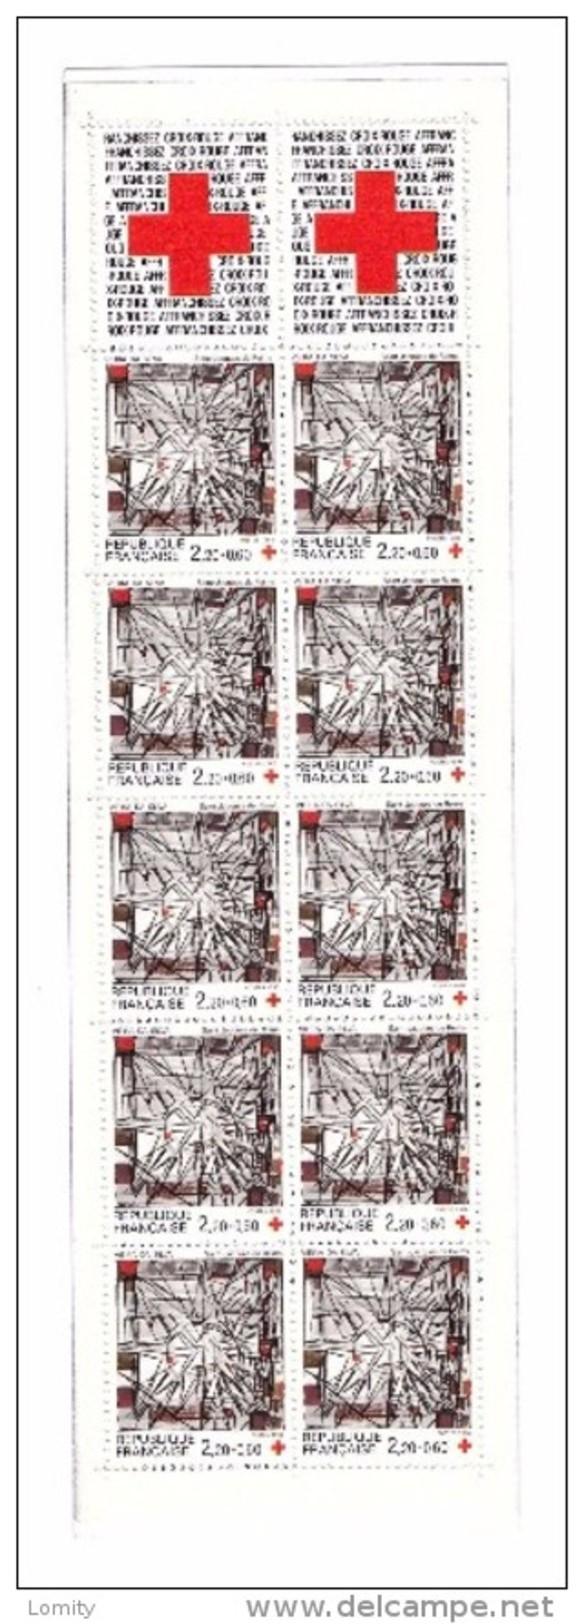 Bande Non Pliée Carnet Croix Rouge Lot Sous Faciale N°2035 De 1986 Avec 10 Timbre 2449a Prix Poste 4,26€ - Carnets